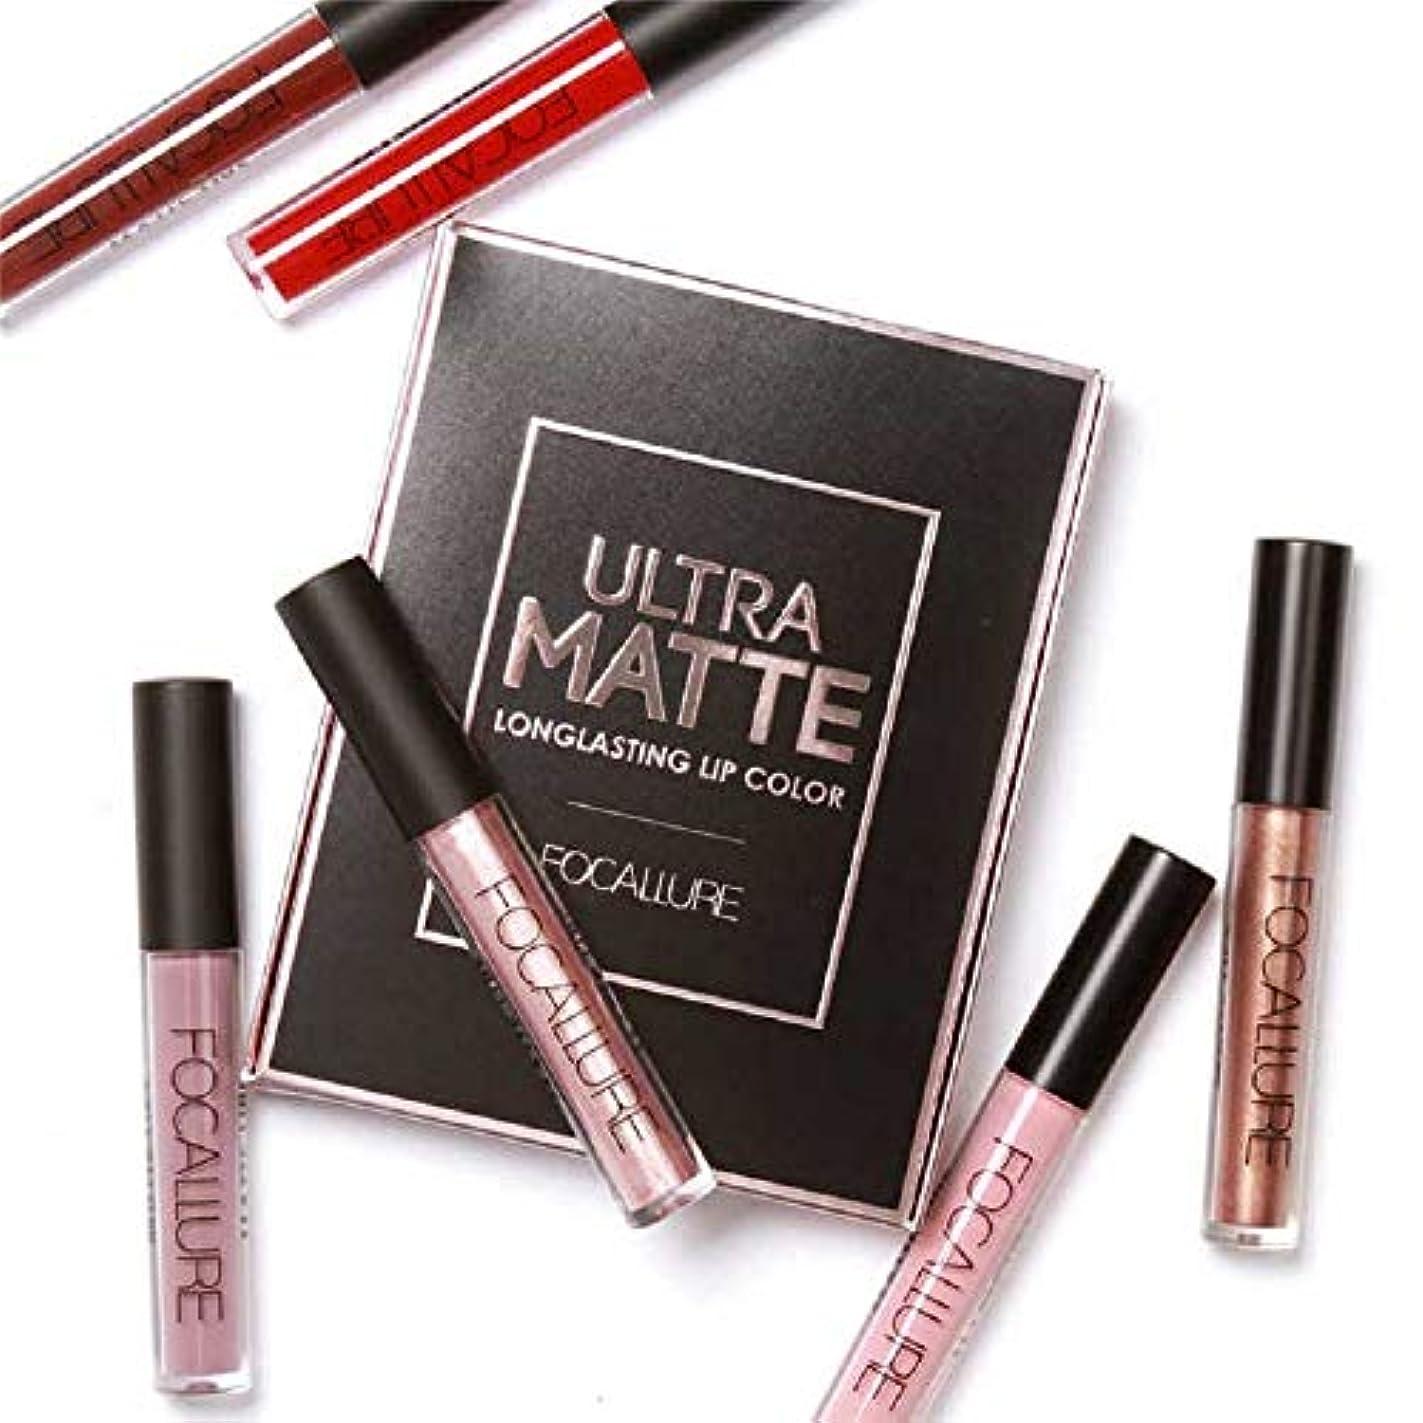 運営ボード照らす3Pcs/Set Long-lasting Lip Colors Makeup Waterproof Tint Lip Gloss Red Velvet Ultra Nude Matte Lipstick Set リップカラーメーキャップ...